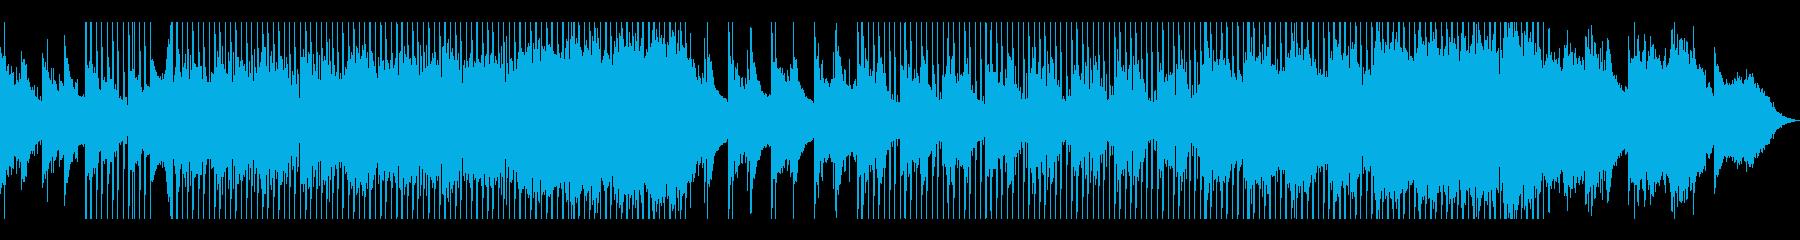 幻想的で透明感のあるピアノのメロディの再生済みの波形